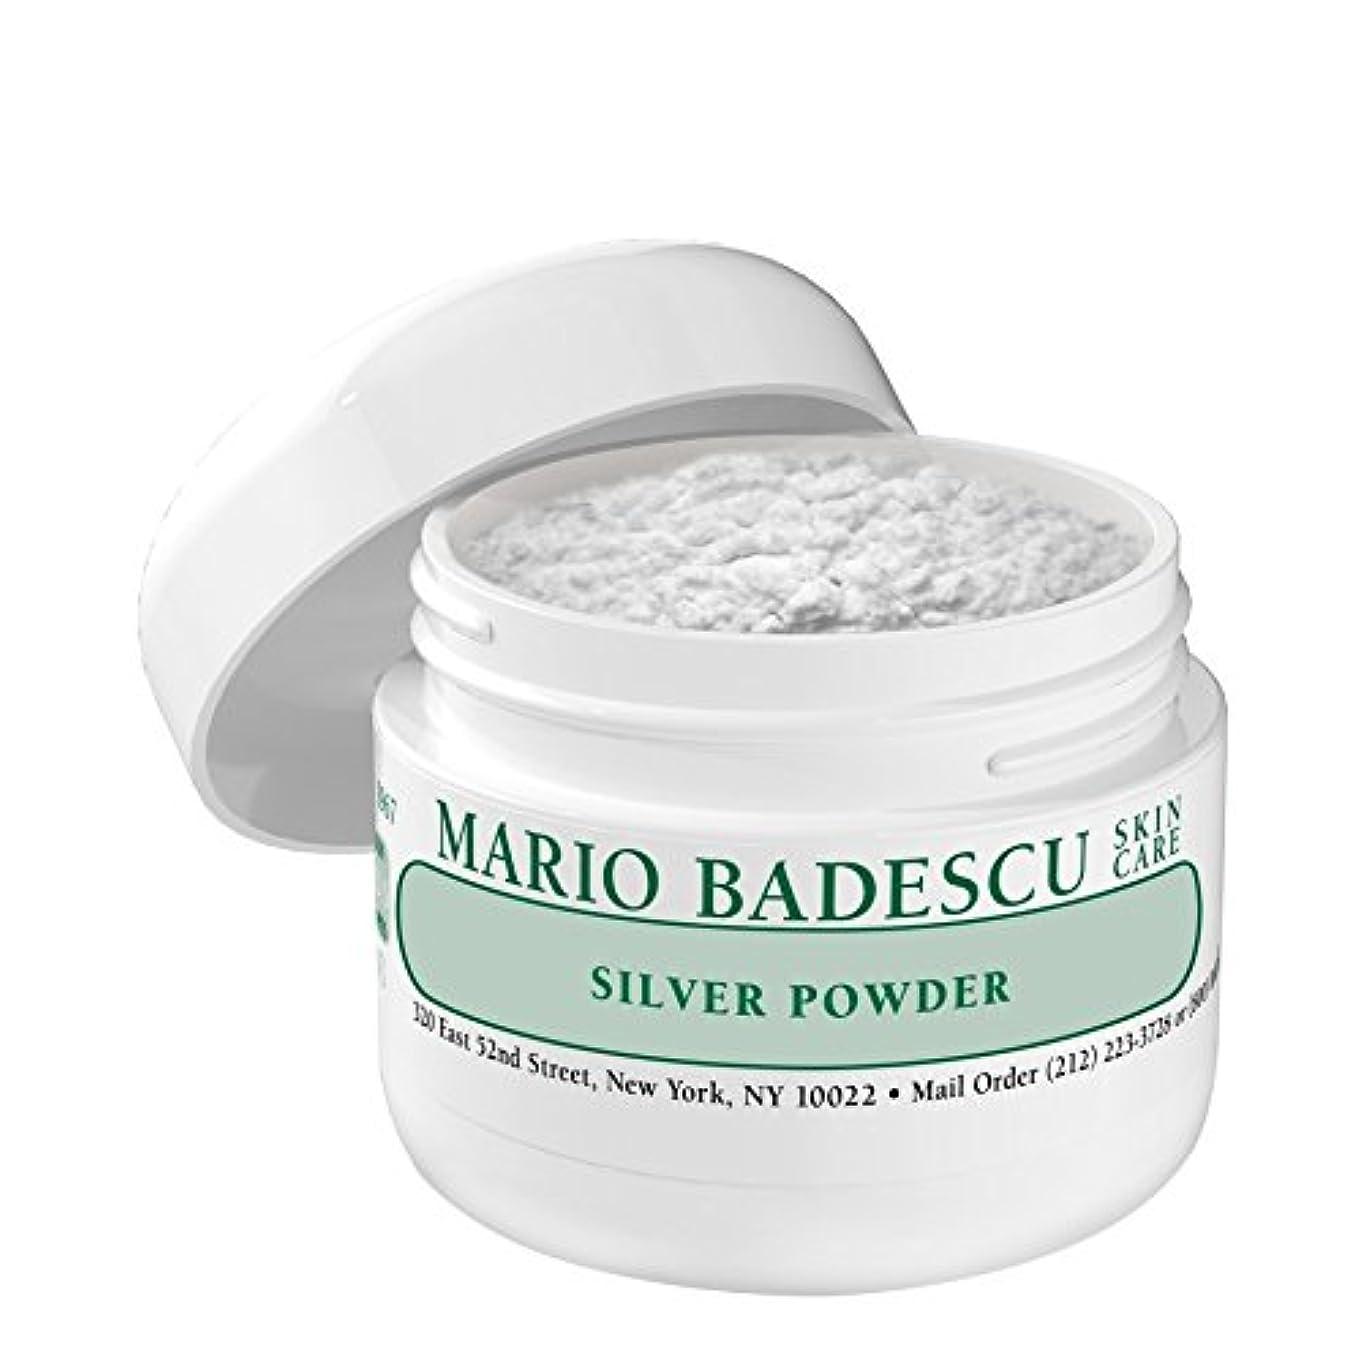 入場クリック野なマリオ?バデスキュー銀粉末 x4 - Mario Badescu Silver Powder (Pack of 4) [並行輸入品]